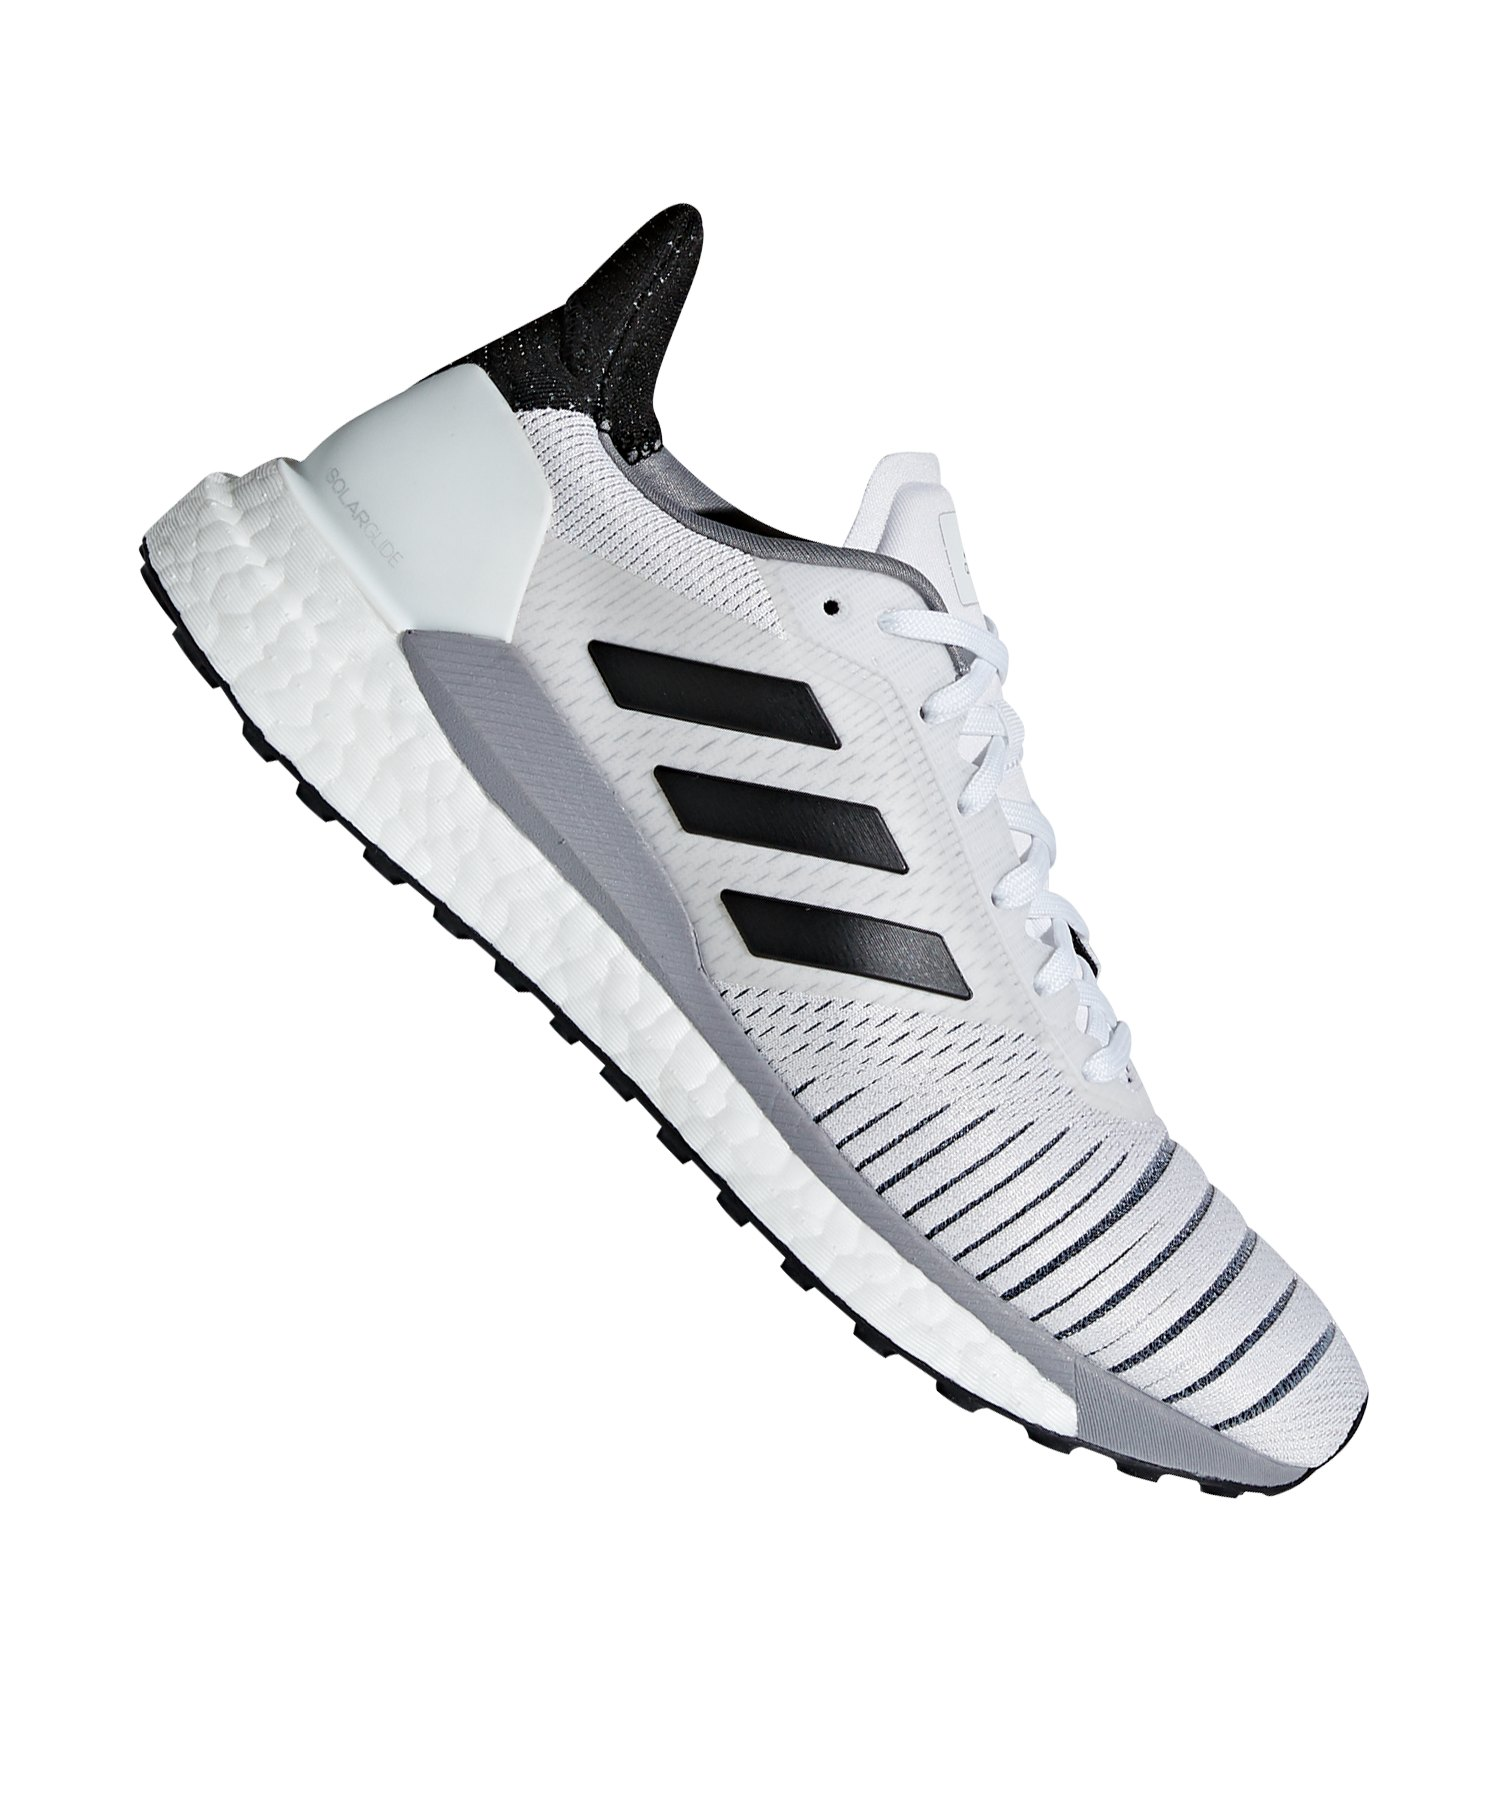 Running Grau Damen Glide Solar Weiss Adidas c3L4j5AqR